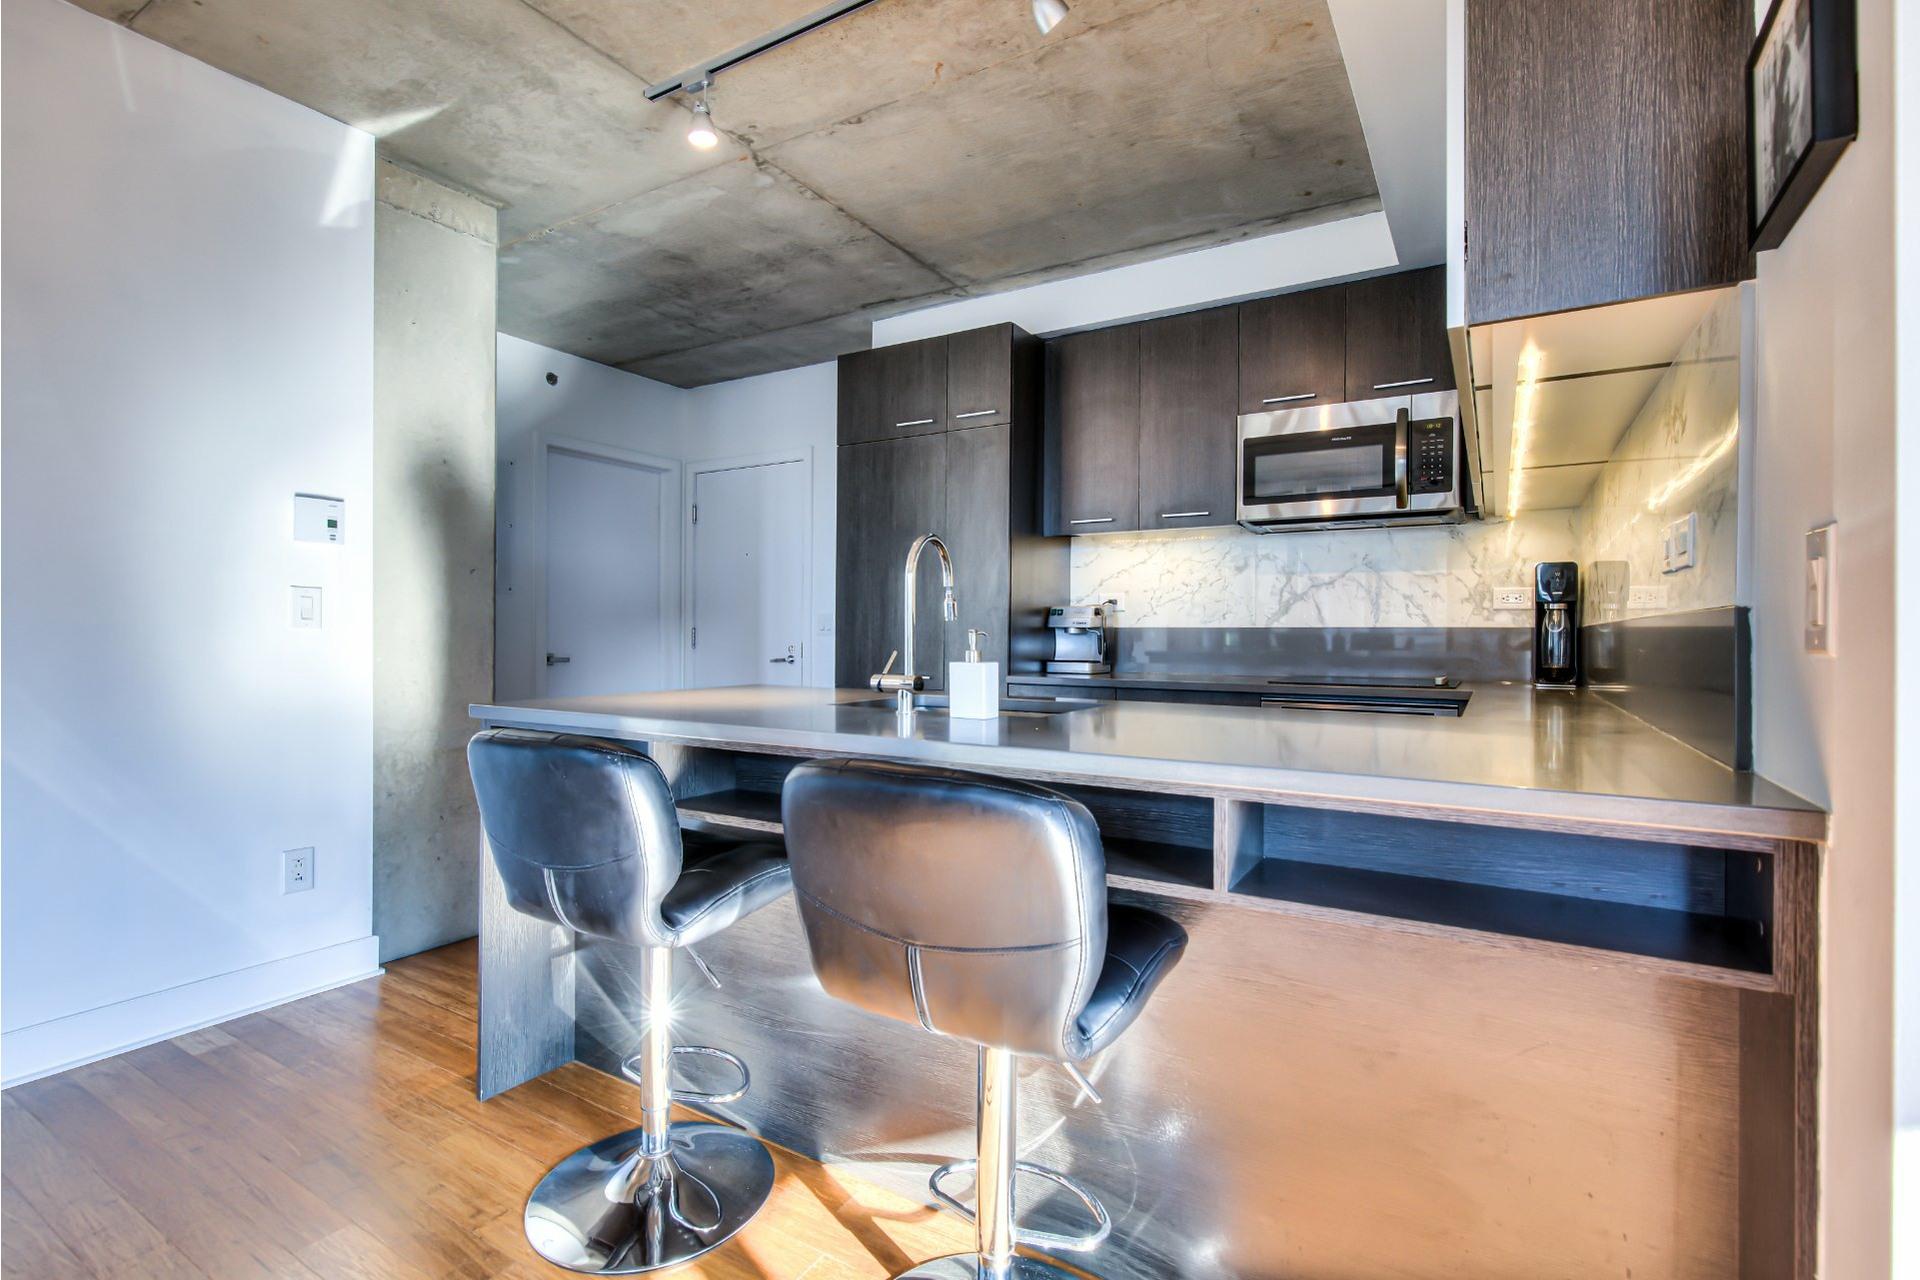 image 12 - Appartement À vendre Le Sud-Ouest Montréal  - 6 pièces